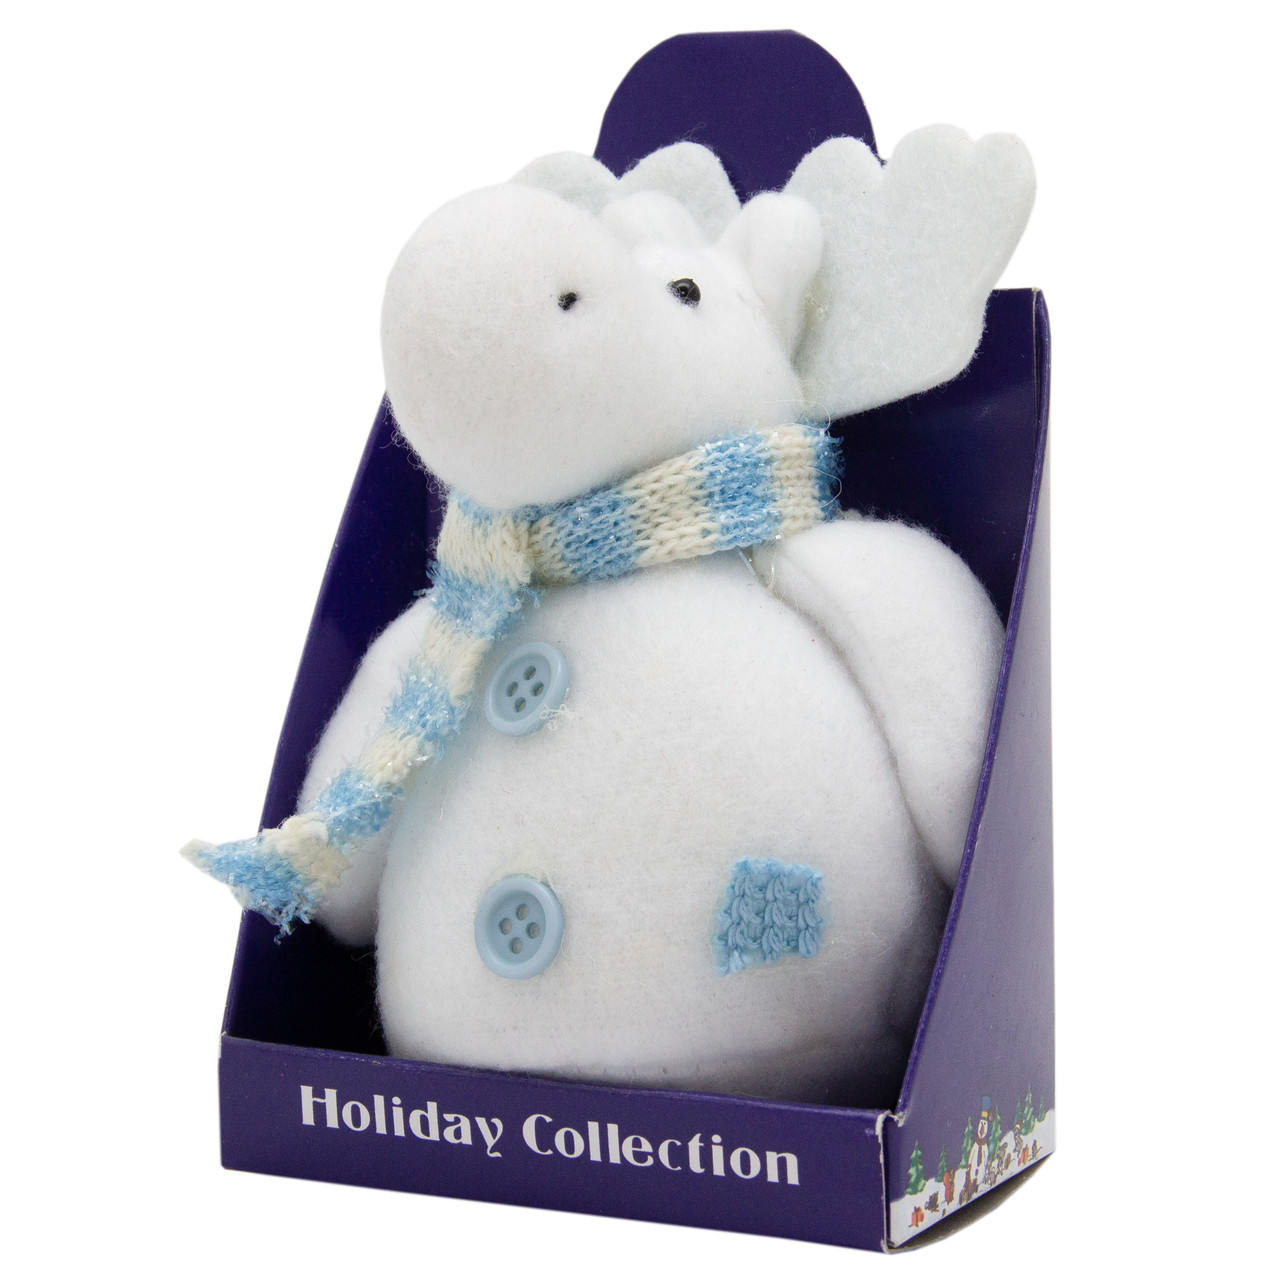 Новогодняя мягкая сувенирная фигурка Белый лось с голубым шарфом, 14 см (000029-19)